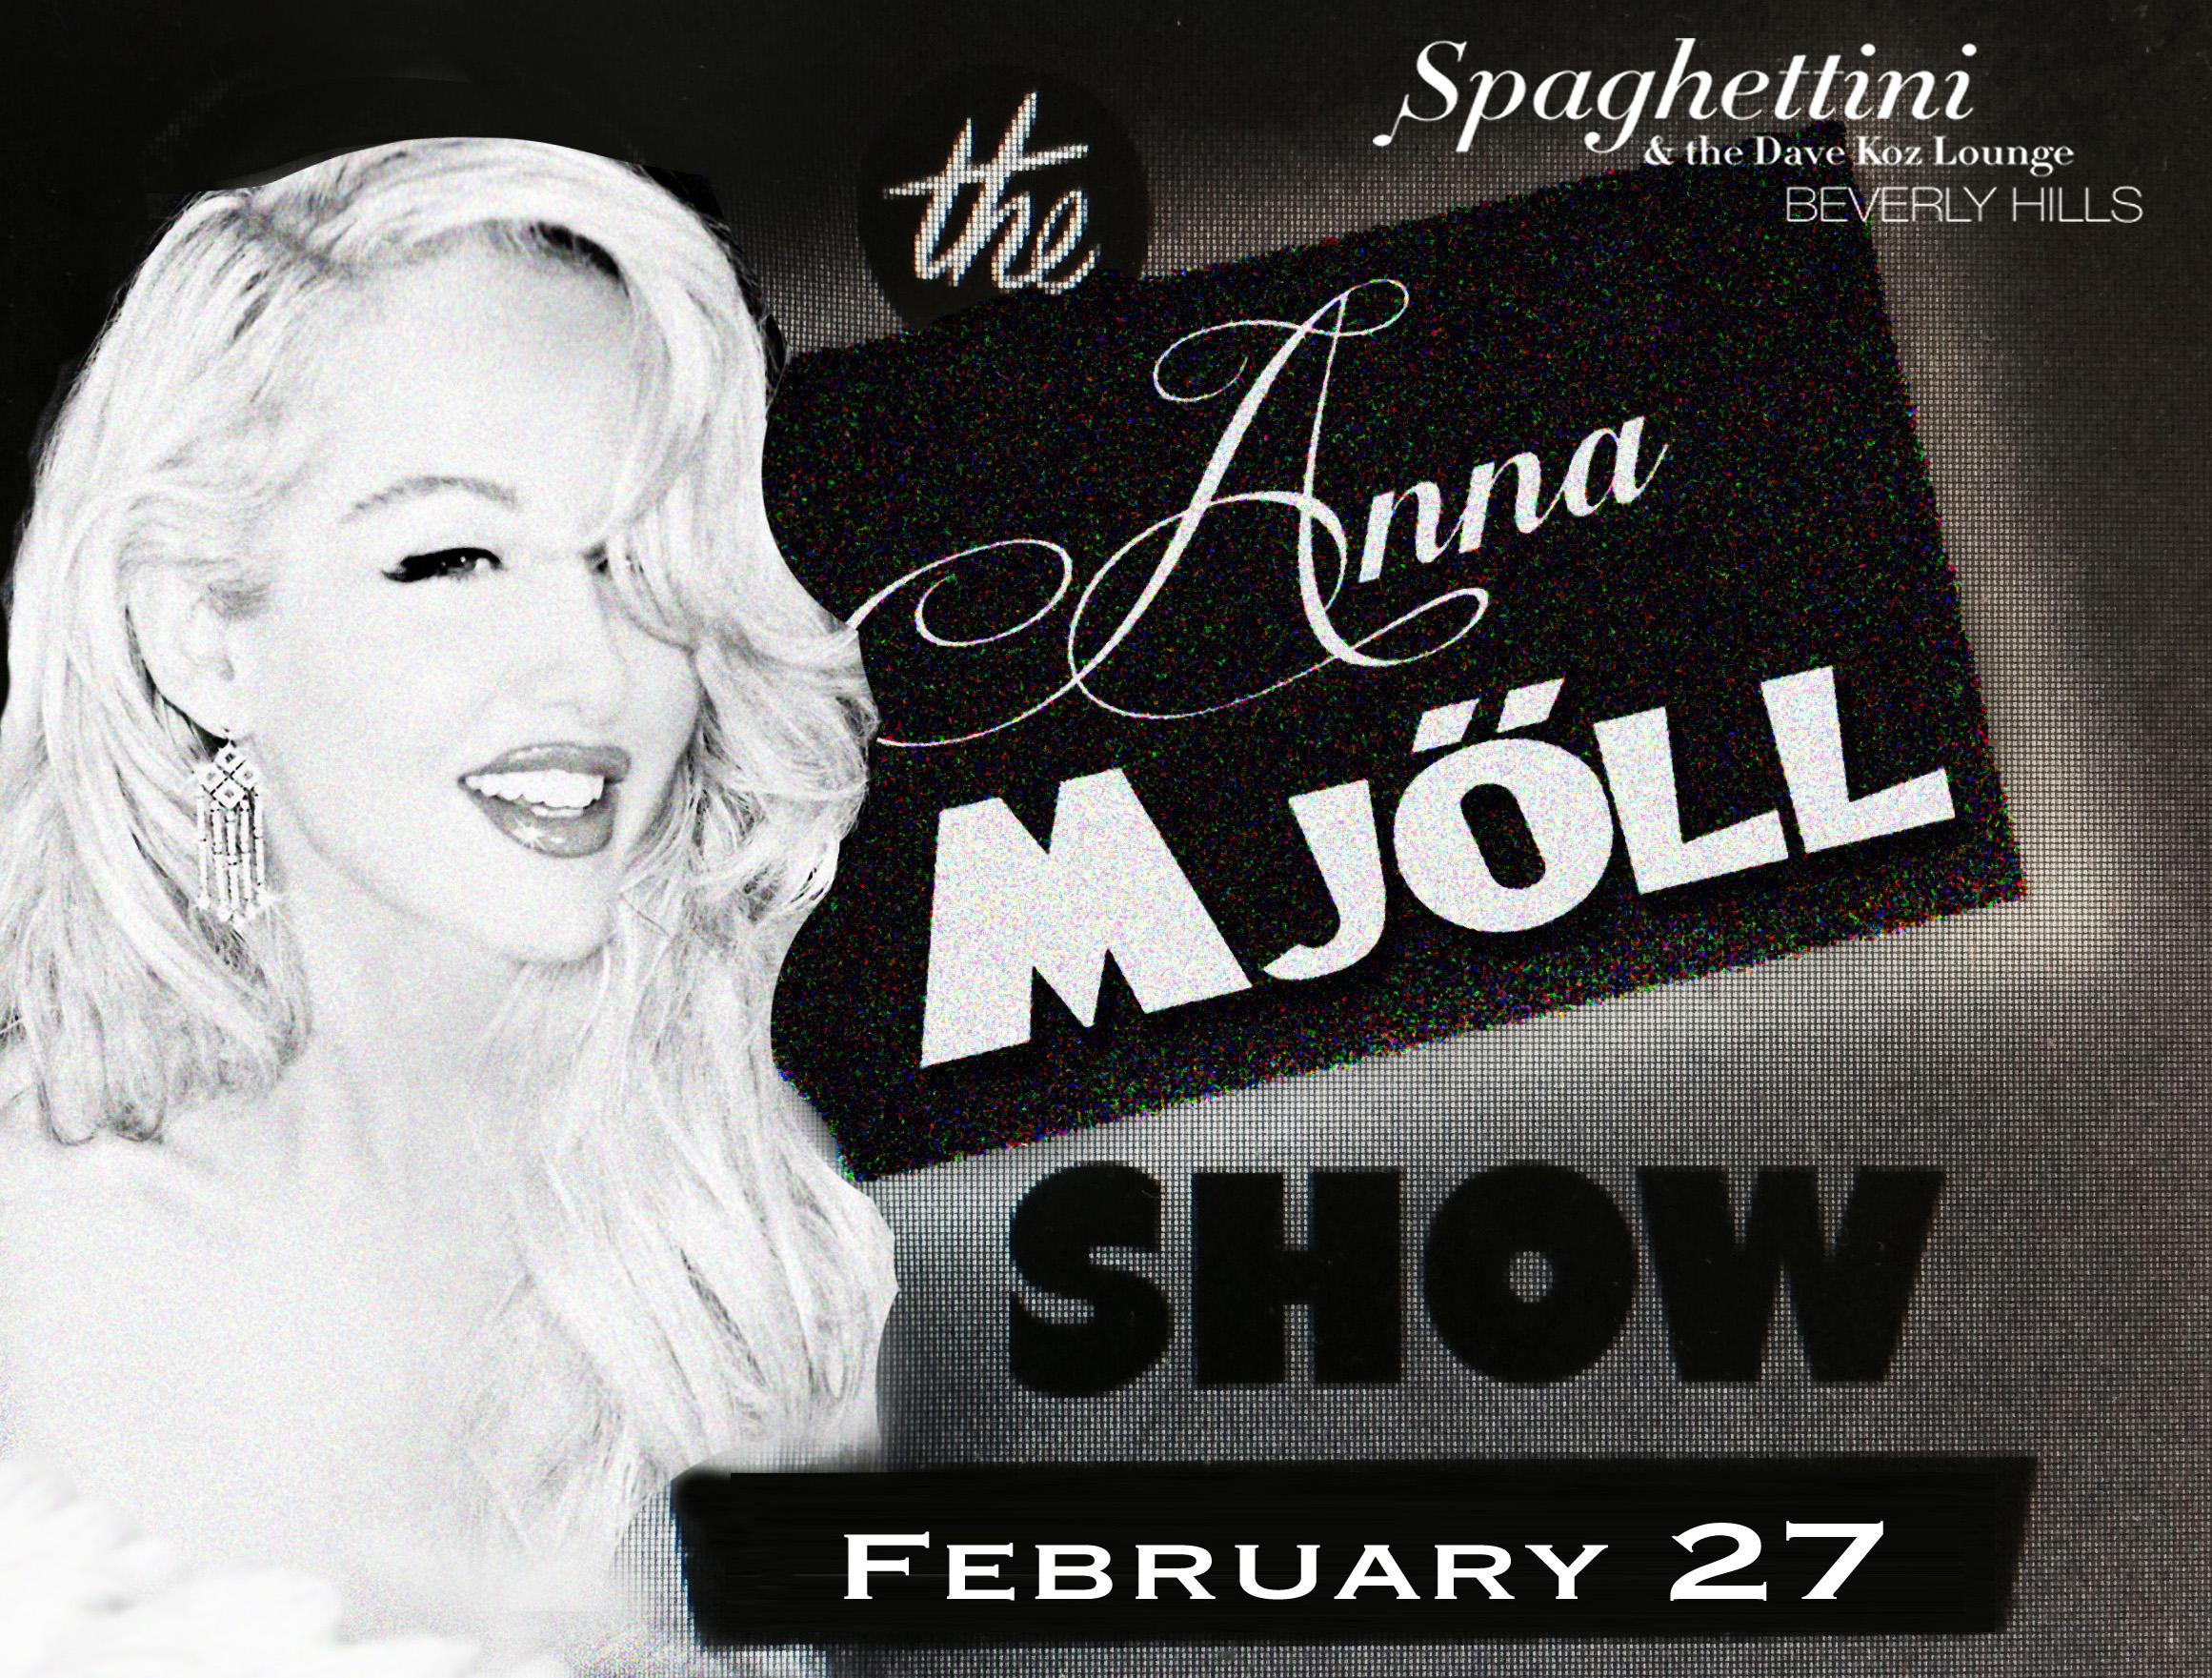 The Anna Mjoll Show